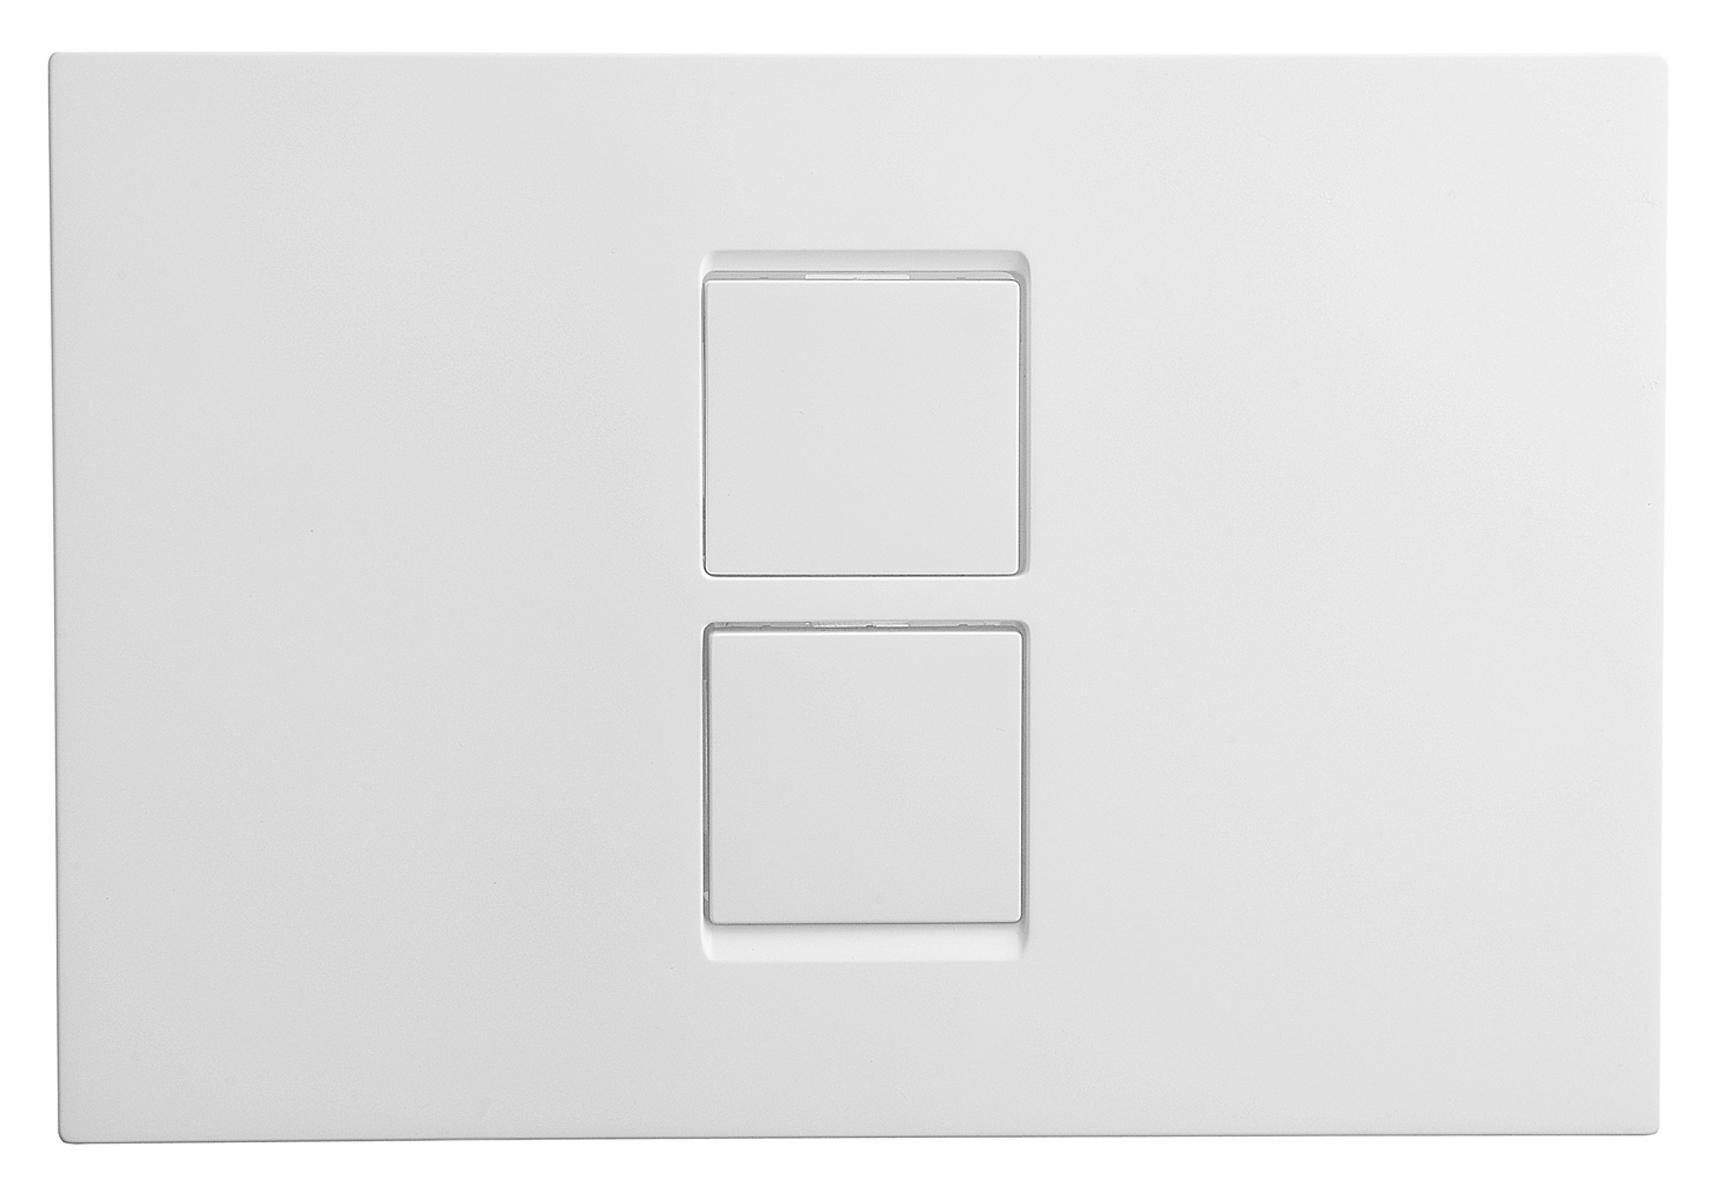 Twin² panneau de commande 3/6 l et 2,5/4 l, modèle Pneumatique, chromé